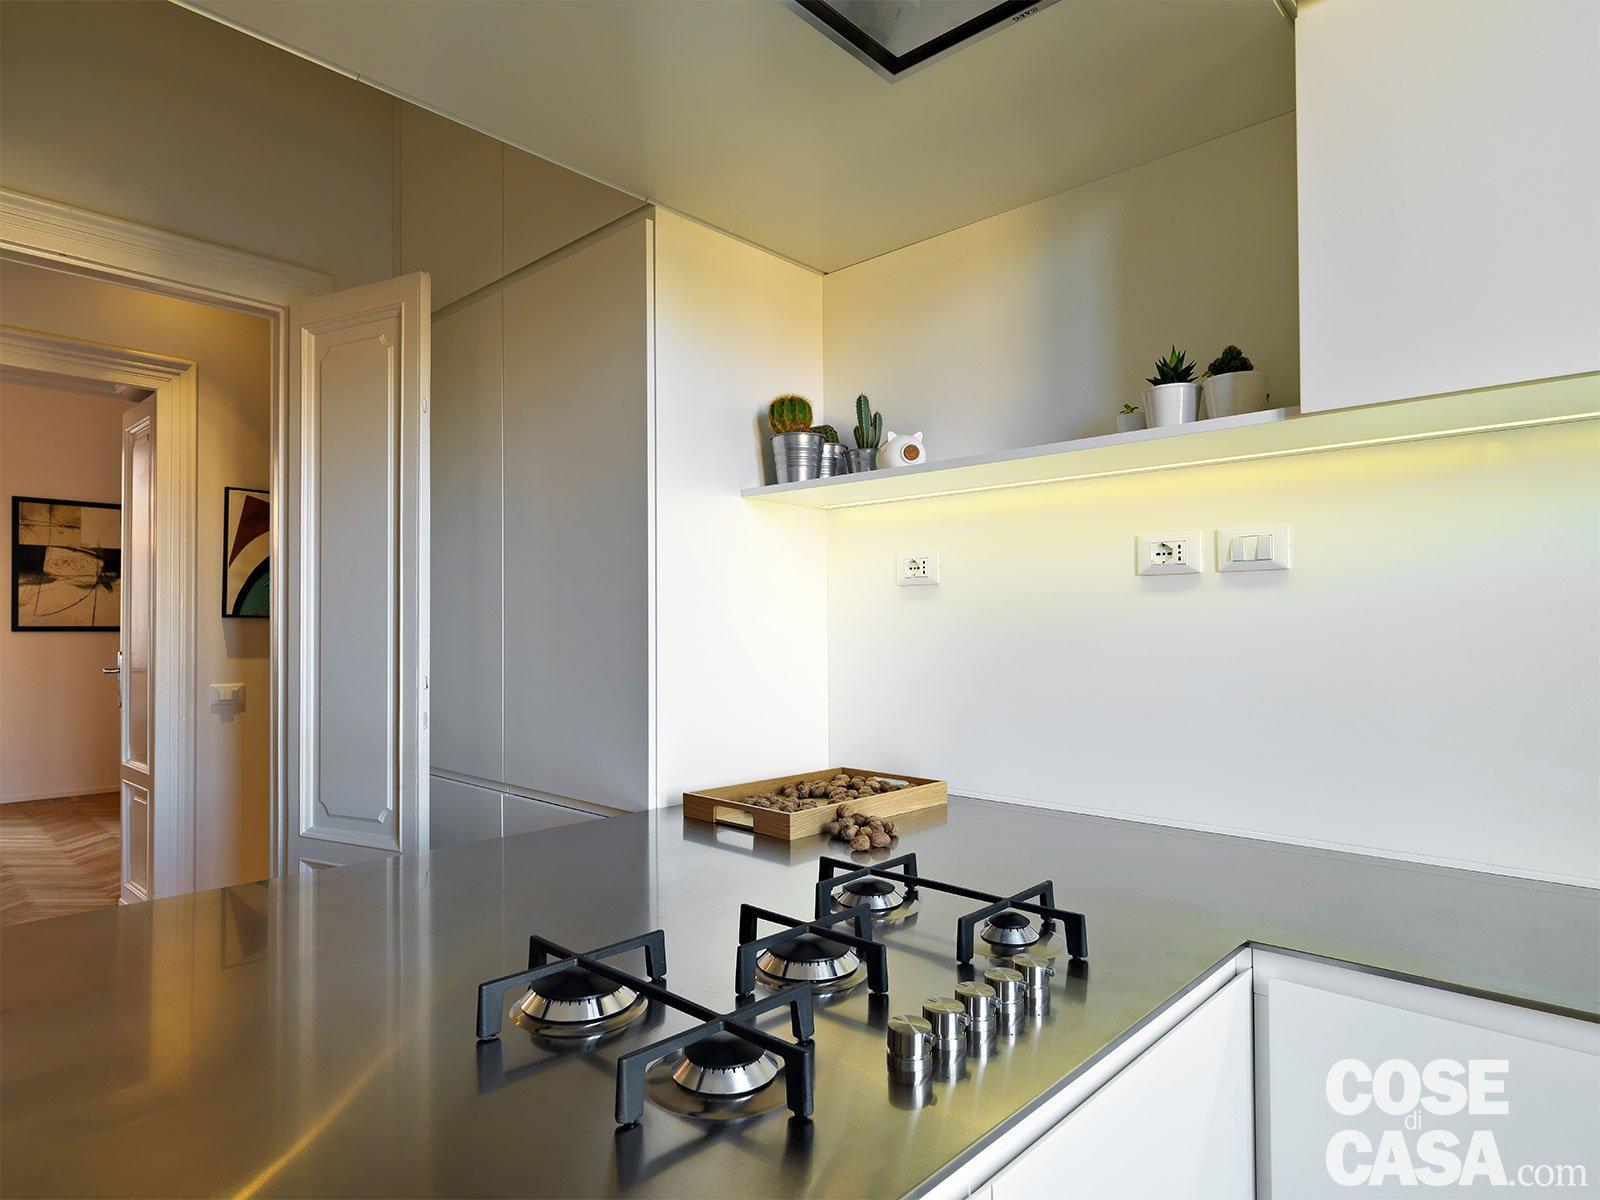 Camera Ospiti Per Vano Cucina : Una scala riprogettata per ricavare una stanza in più casafacile